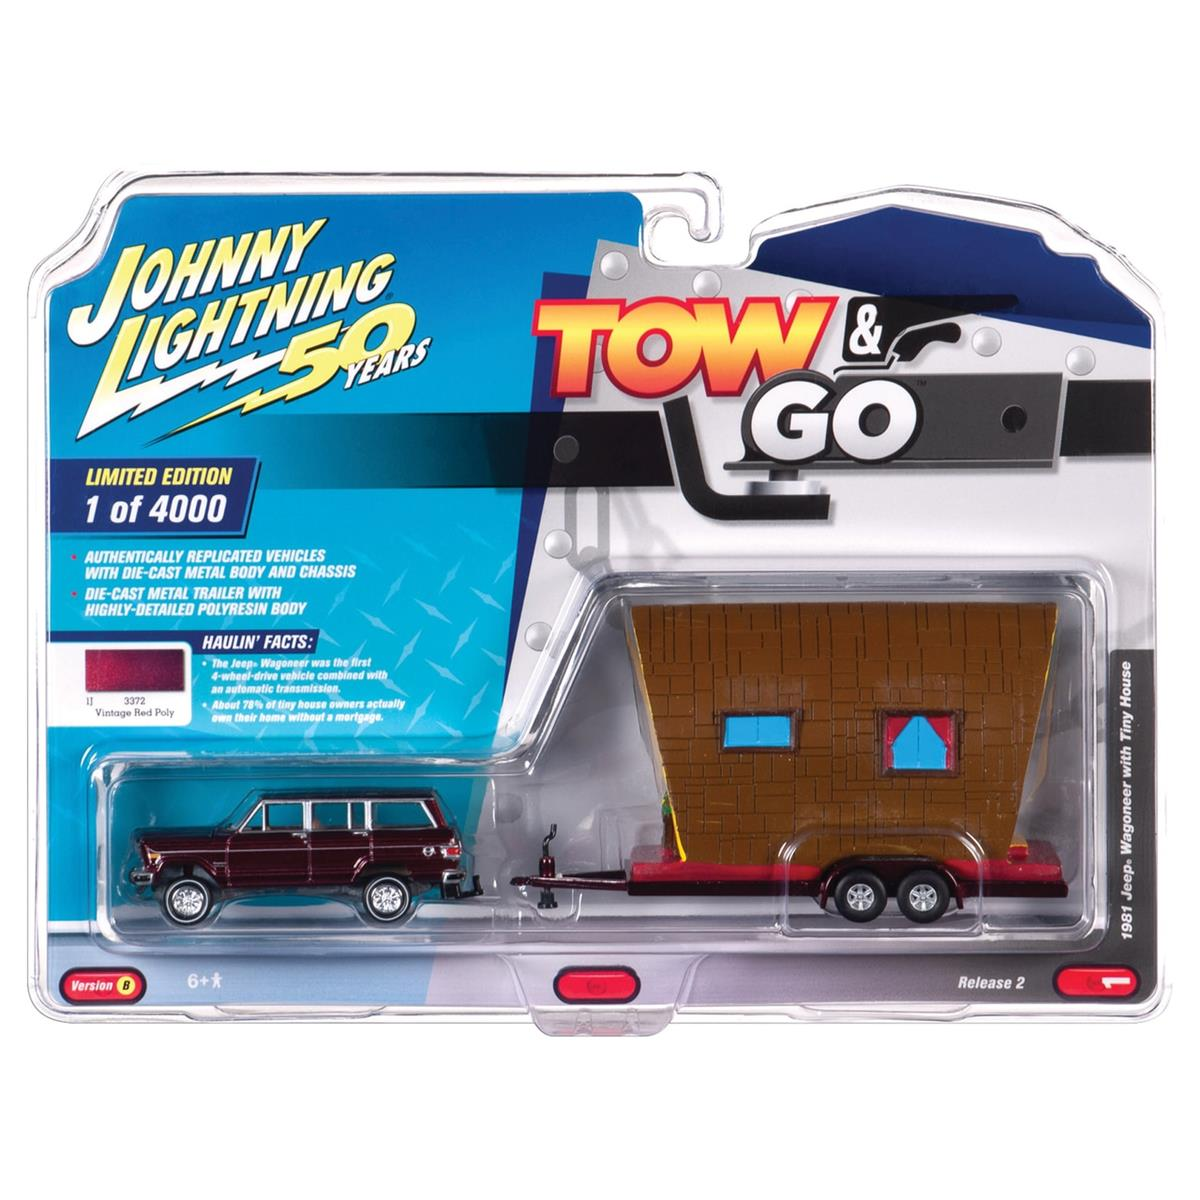 Johnny Lightning ジョニーライトニング 1981 Jeep ジープ Wagoneer w/Tiny House 1/64 Scale スケール Diecast Model ダイキャスト ミニカー おもちゃ 玩具 コレクション ミニチュア ...